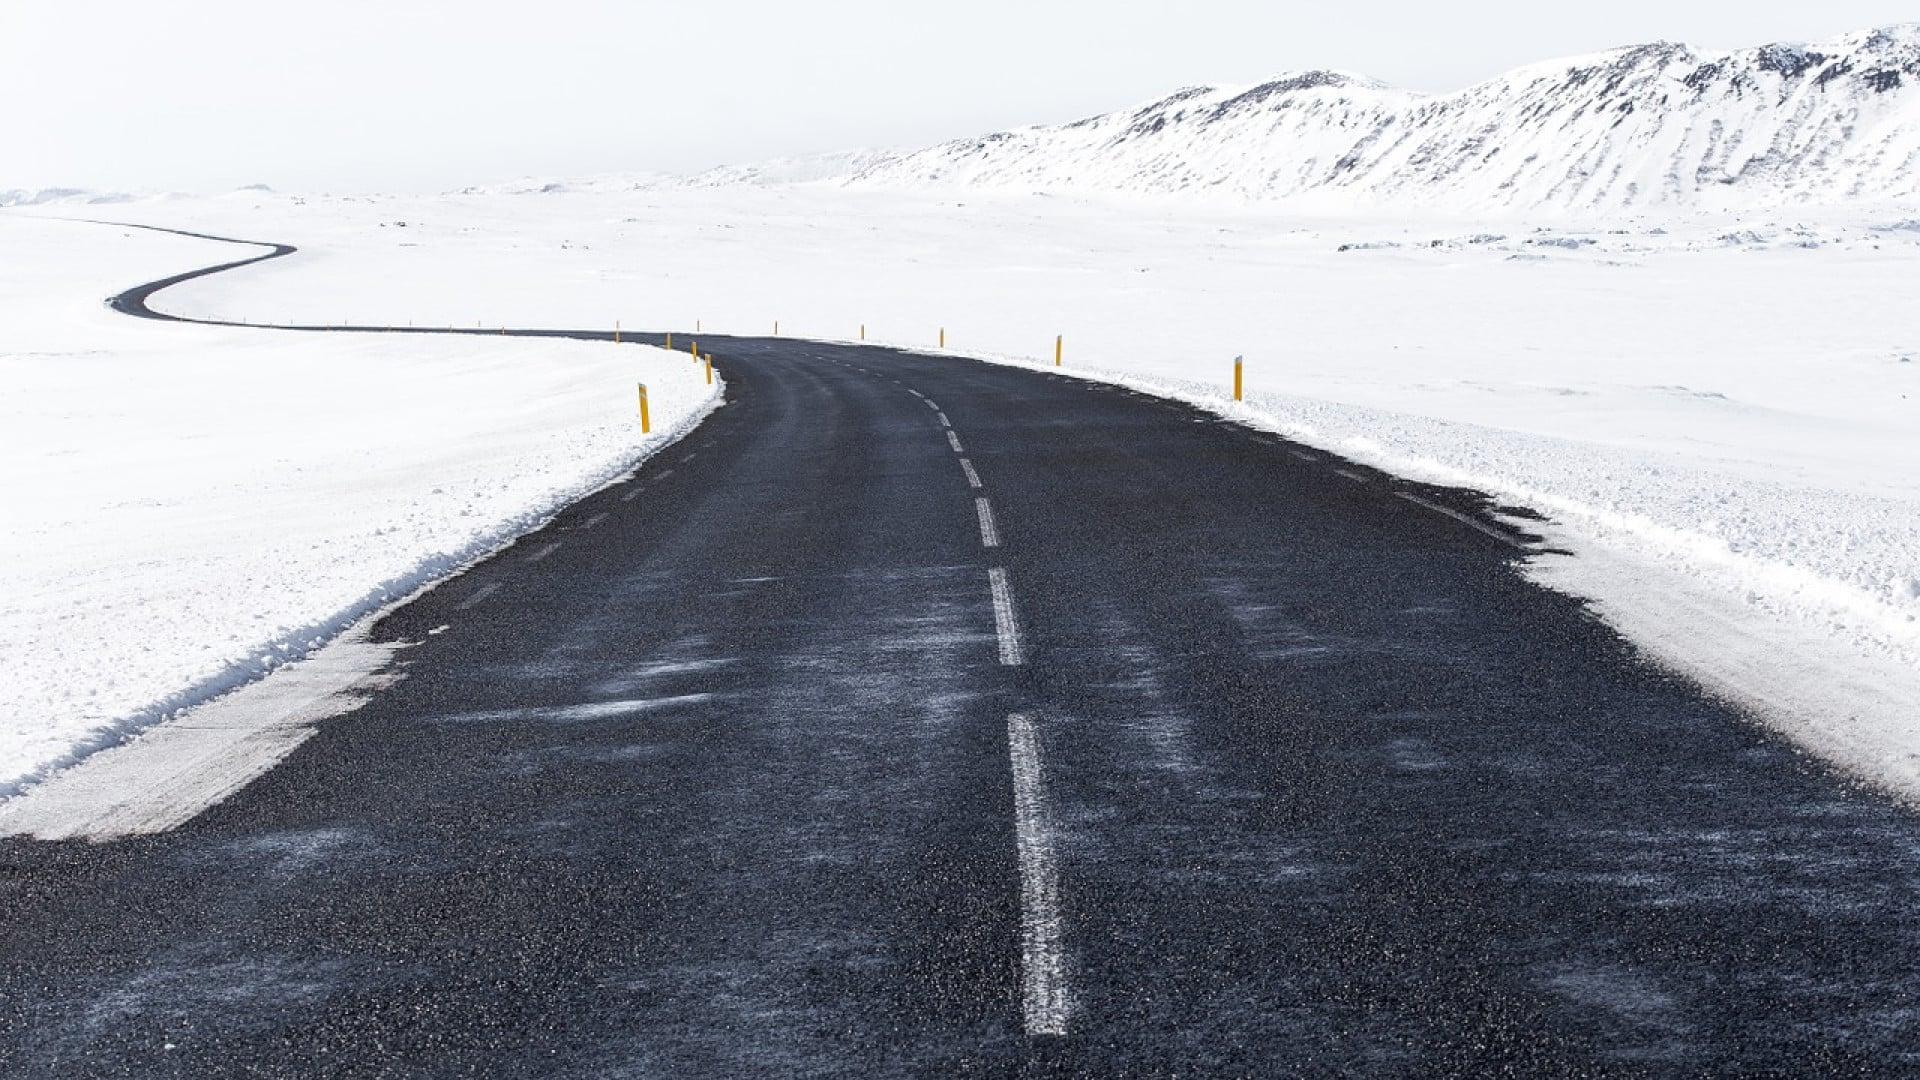 Sécurité routière : la loi Montagne au profit d'une meilleure sécurité en hiver